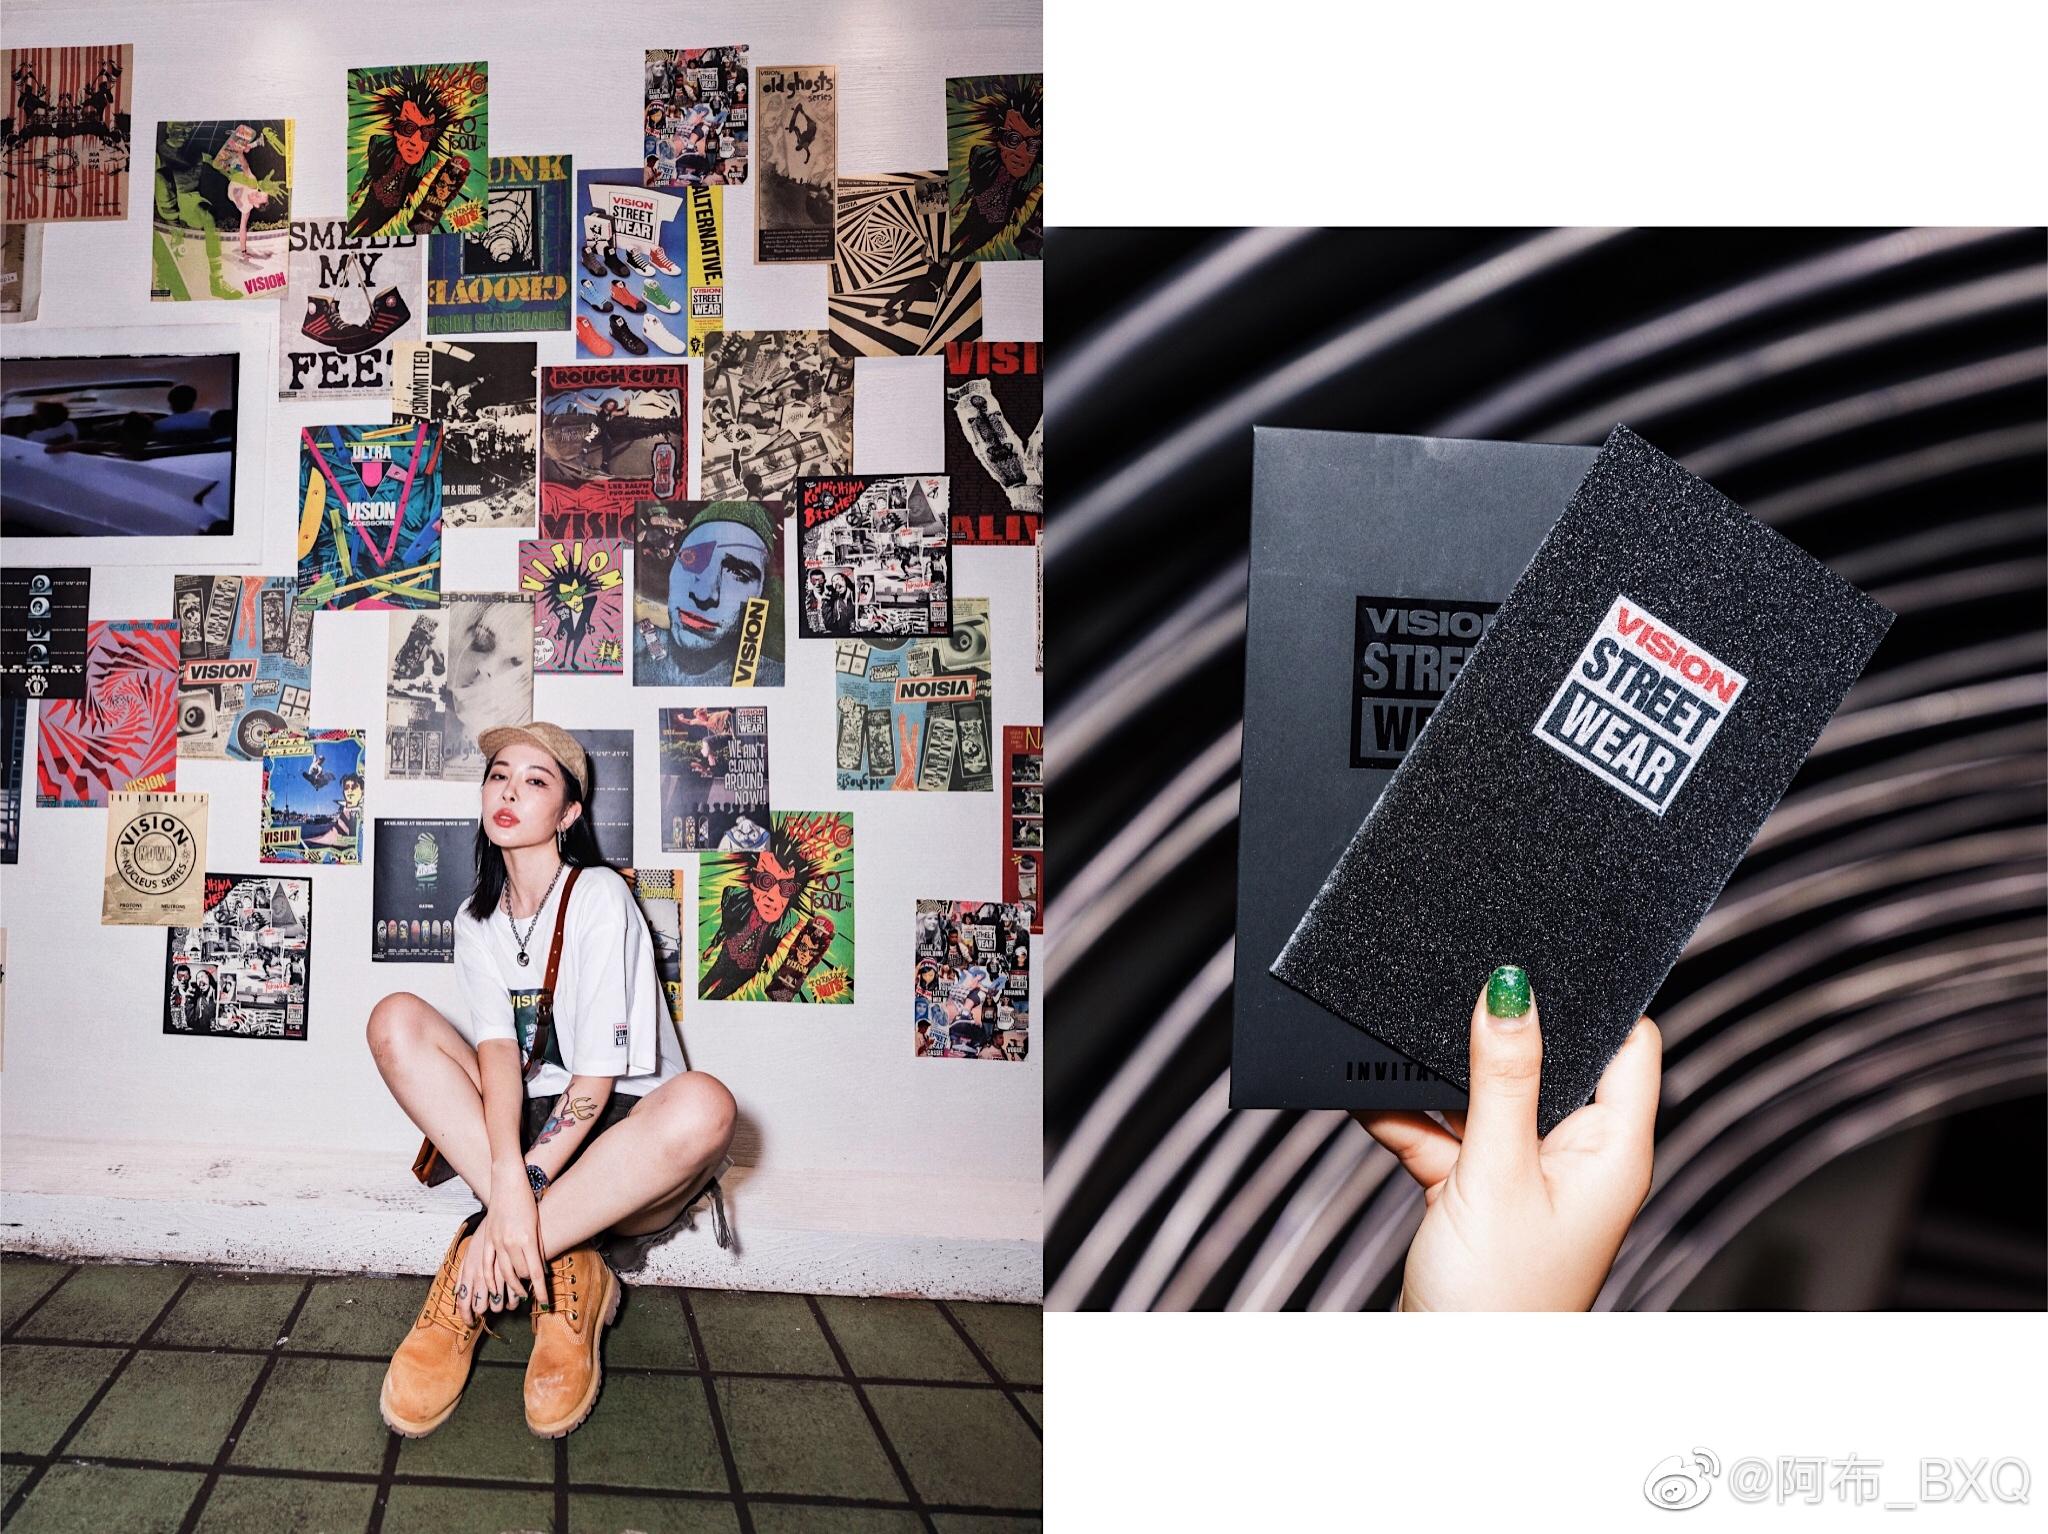 阿布和木易都非常钟爱的街头潮流品牌VisionStreetWear终于来中国首秀